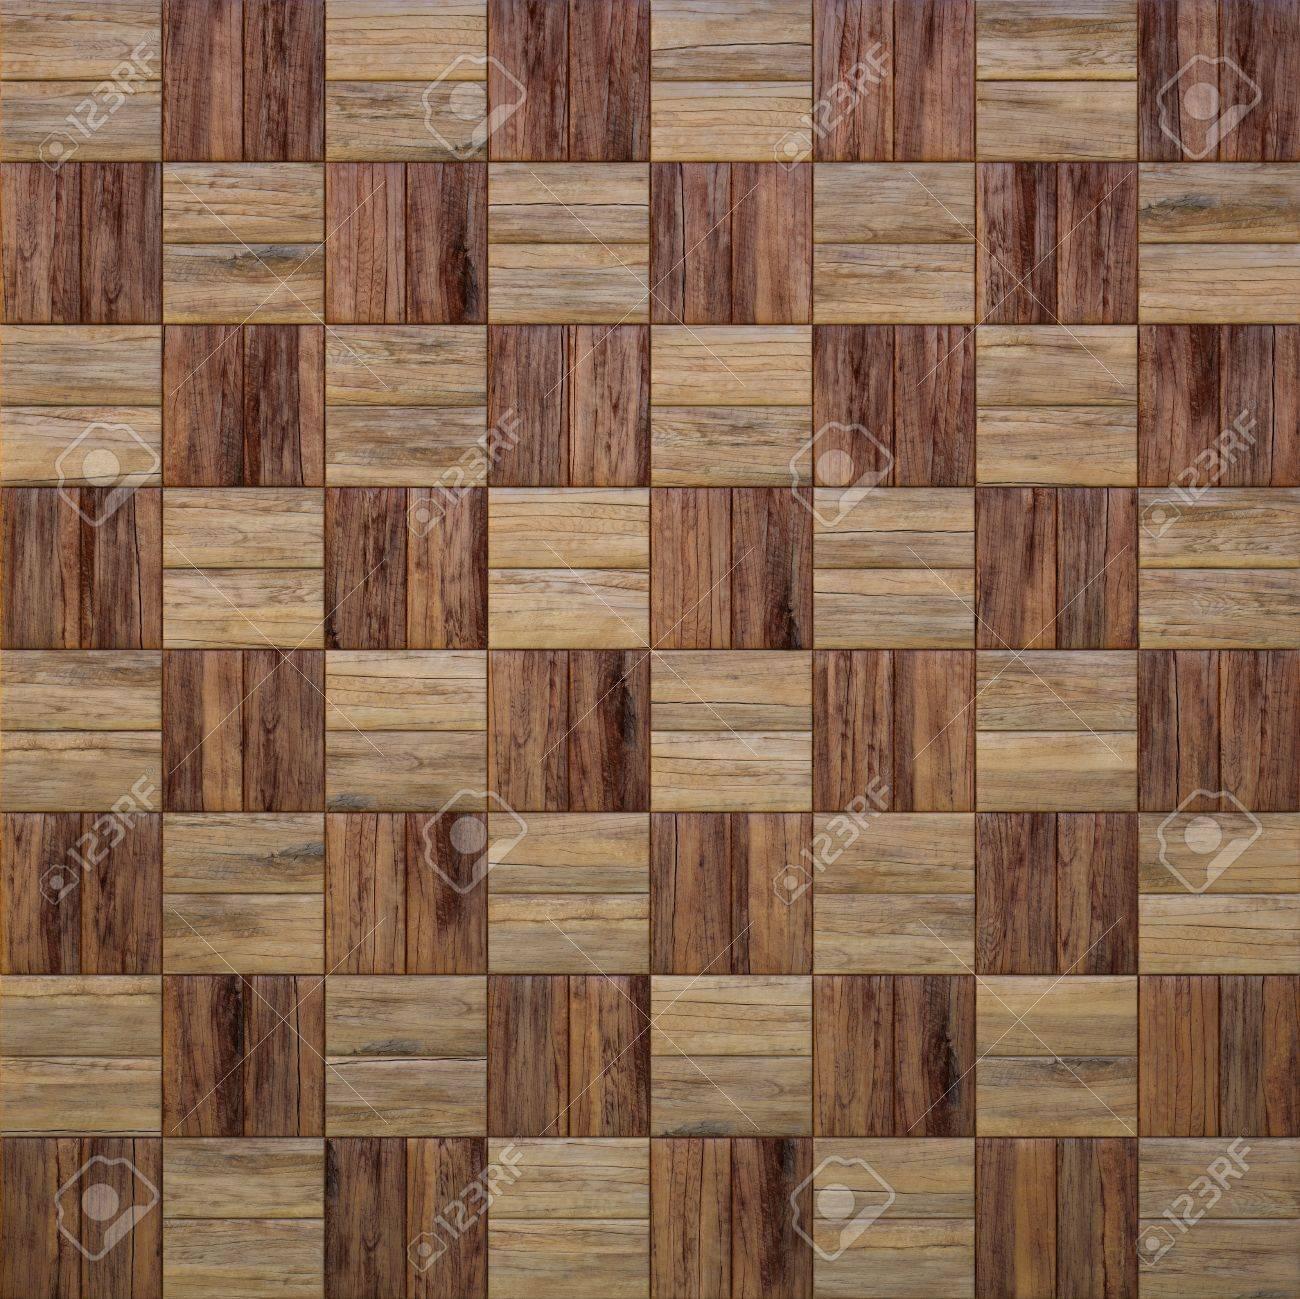 Das Braune Holz Textur Der Boden Mit Naturlichen Muster Lizenzfreie